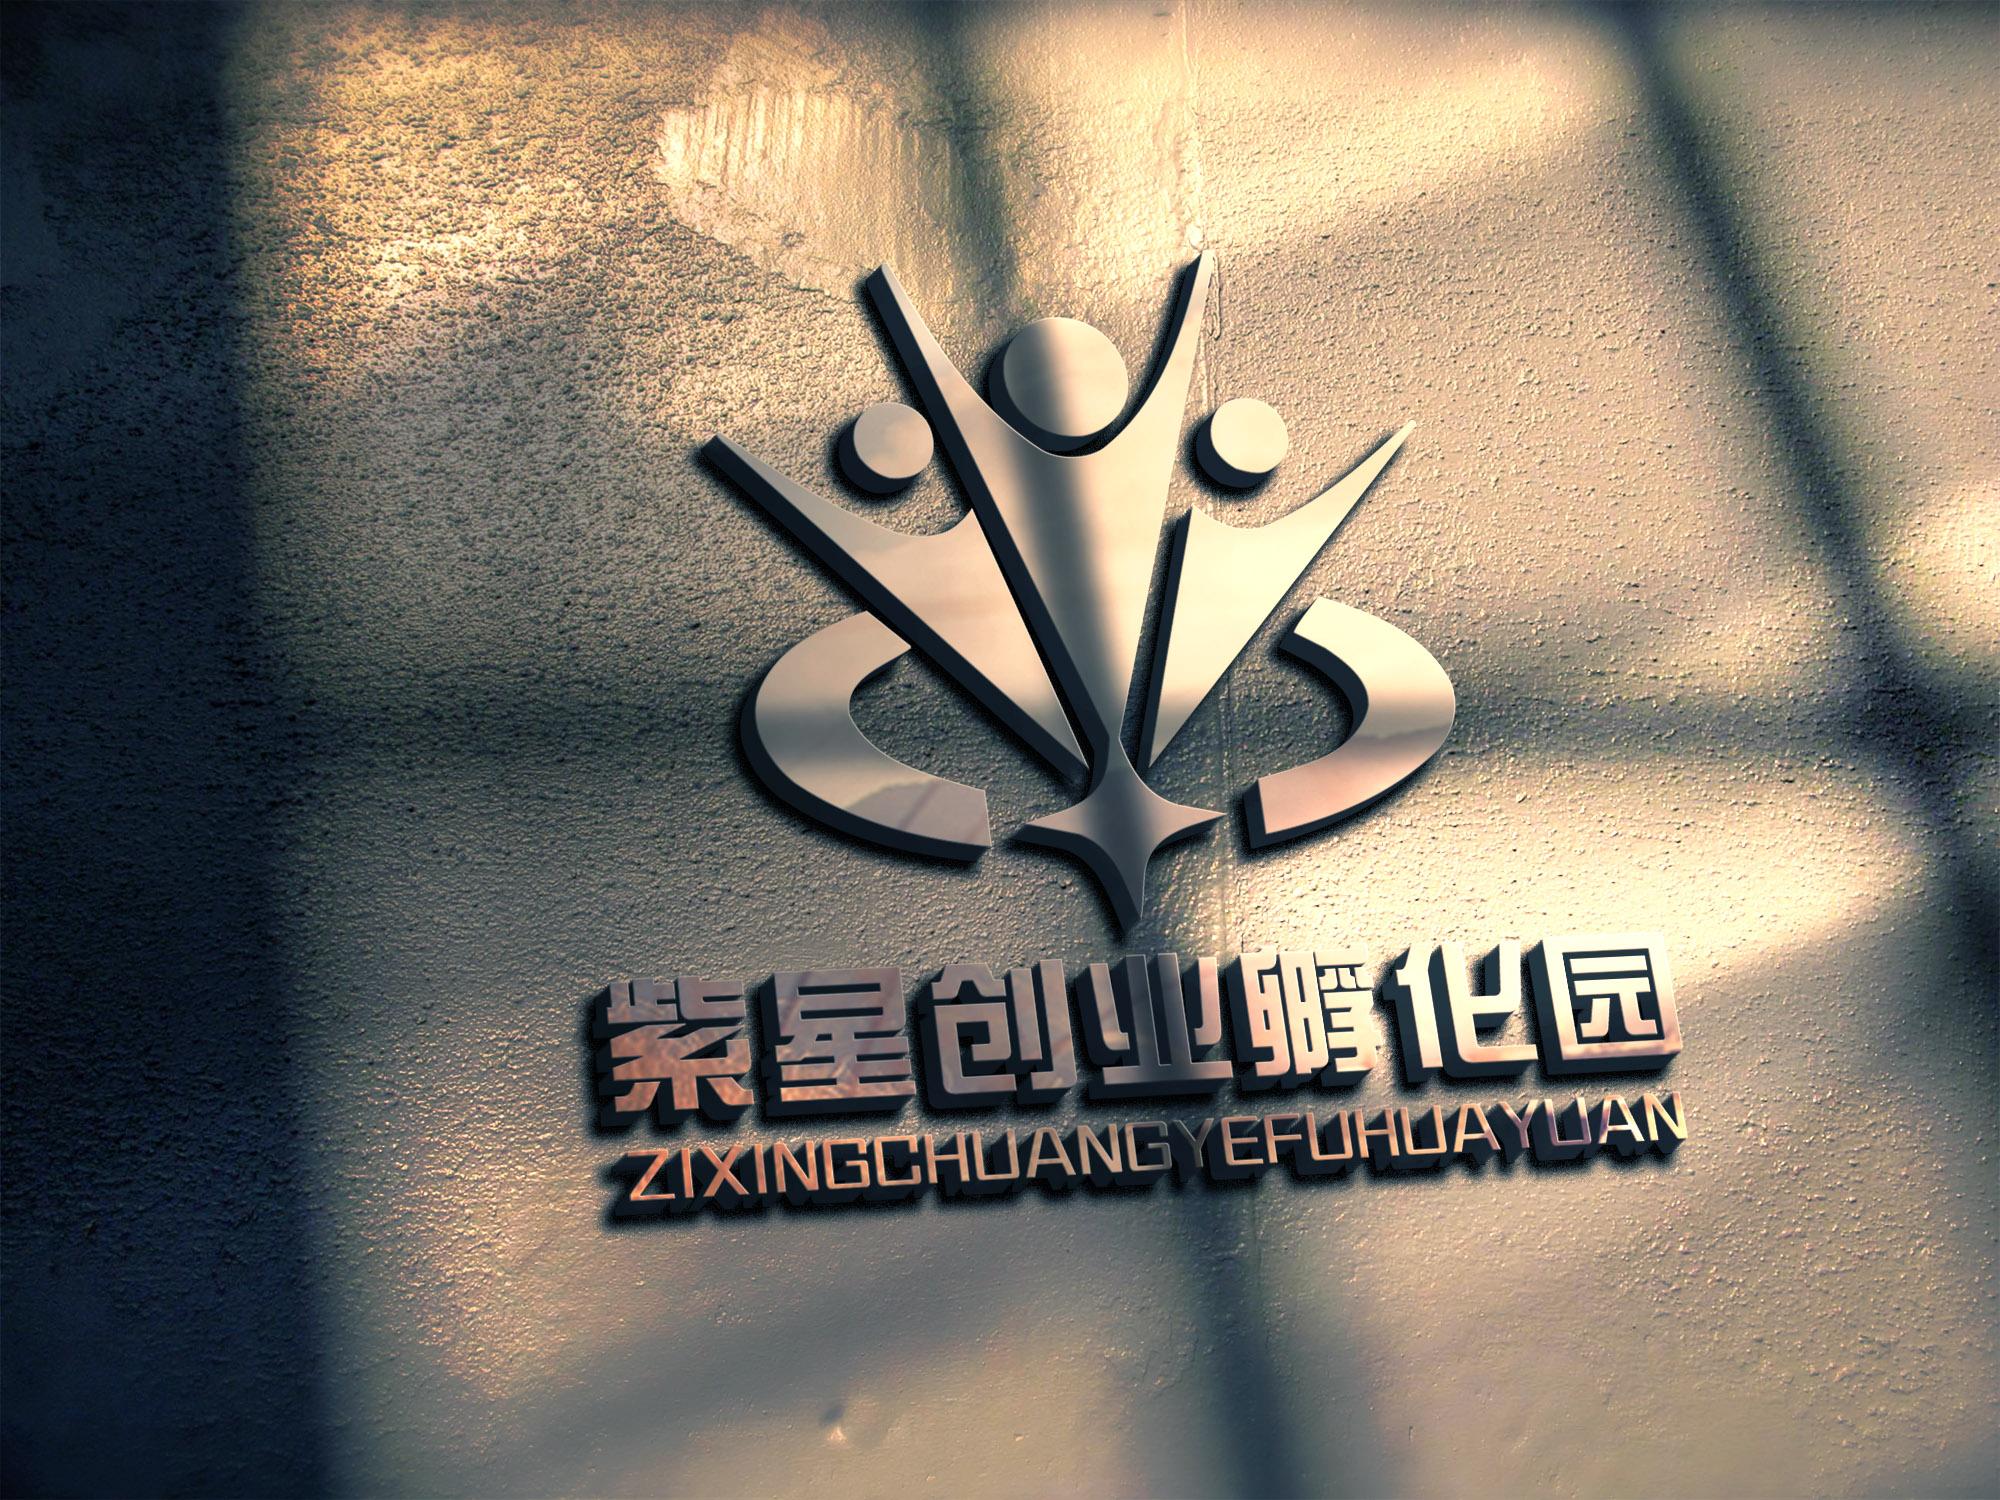 紫星创业孵化园logo设计_2956074_k68威客网